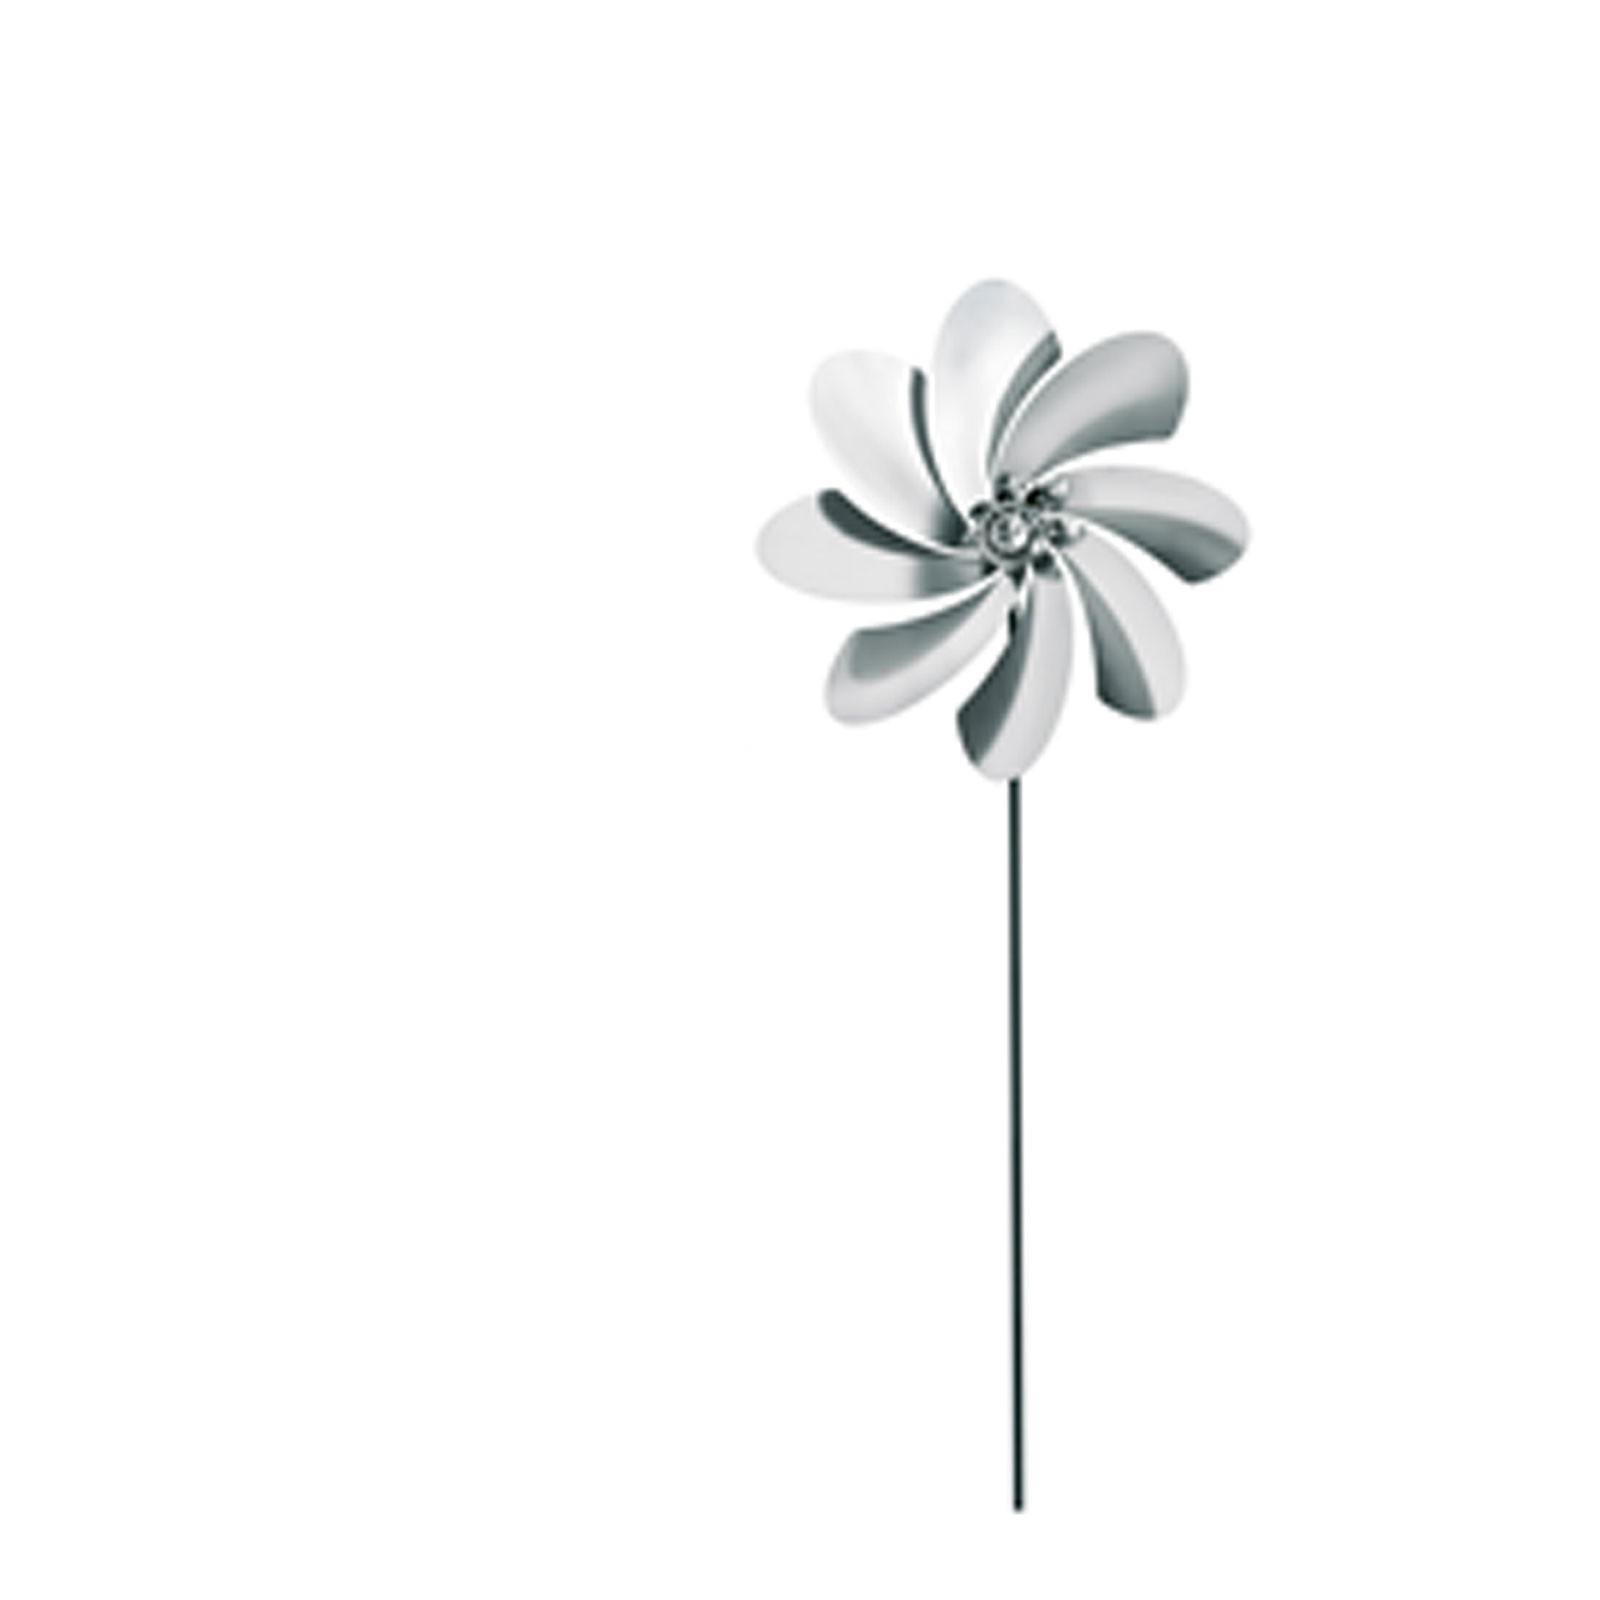 Windrad Edelstahl matt Ø 20 cm blomus VIENTO